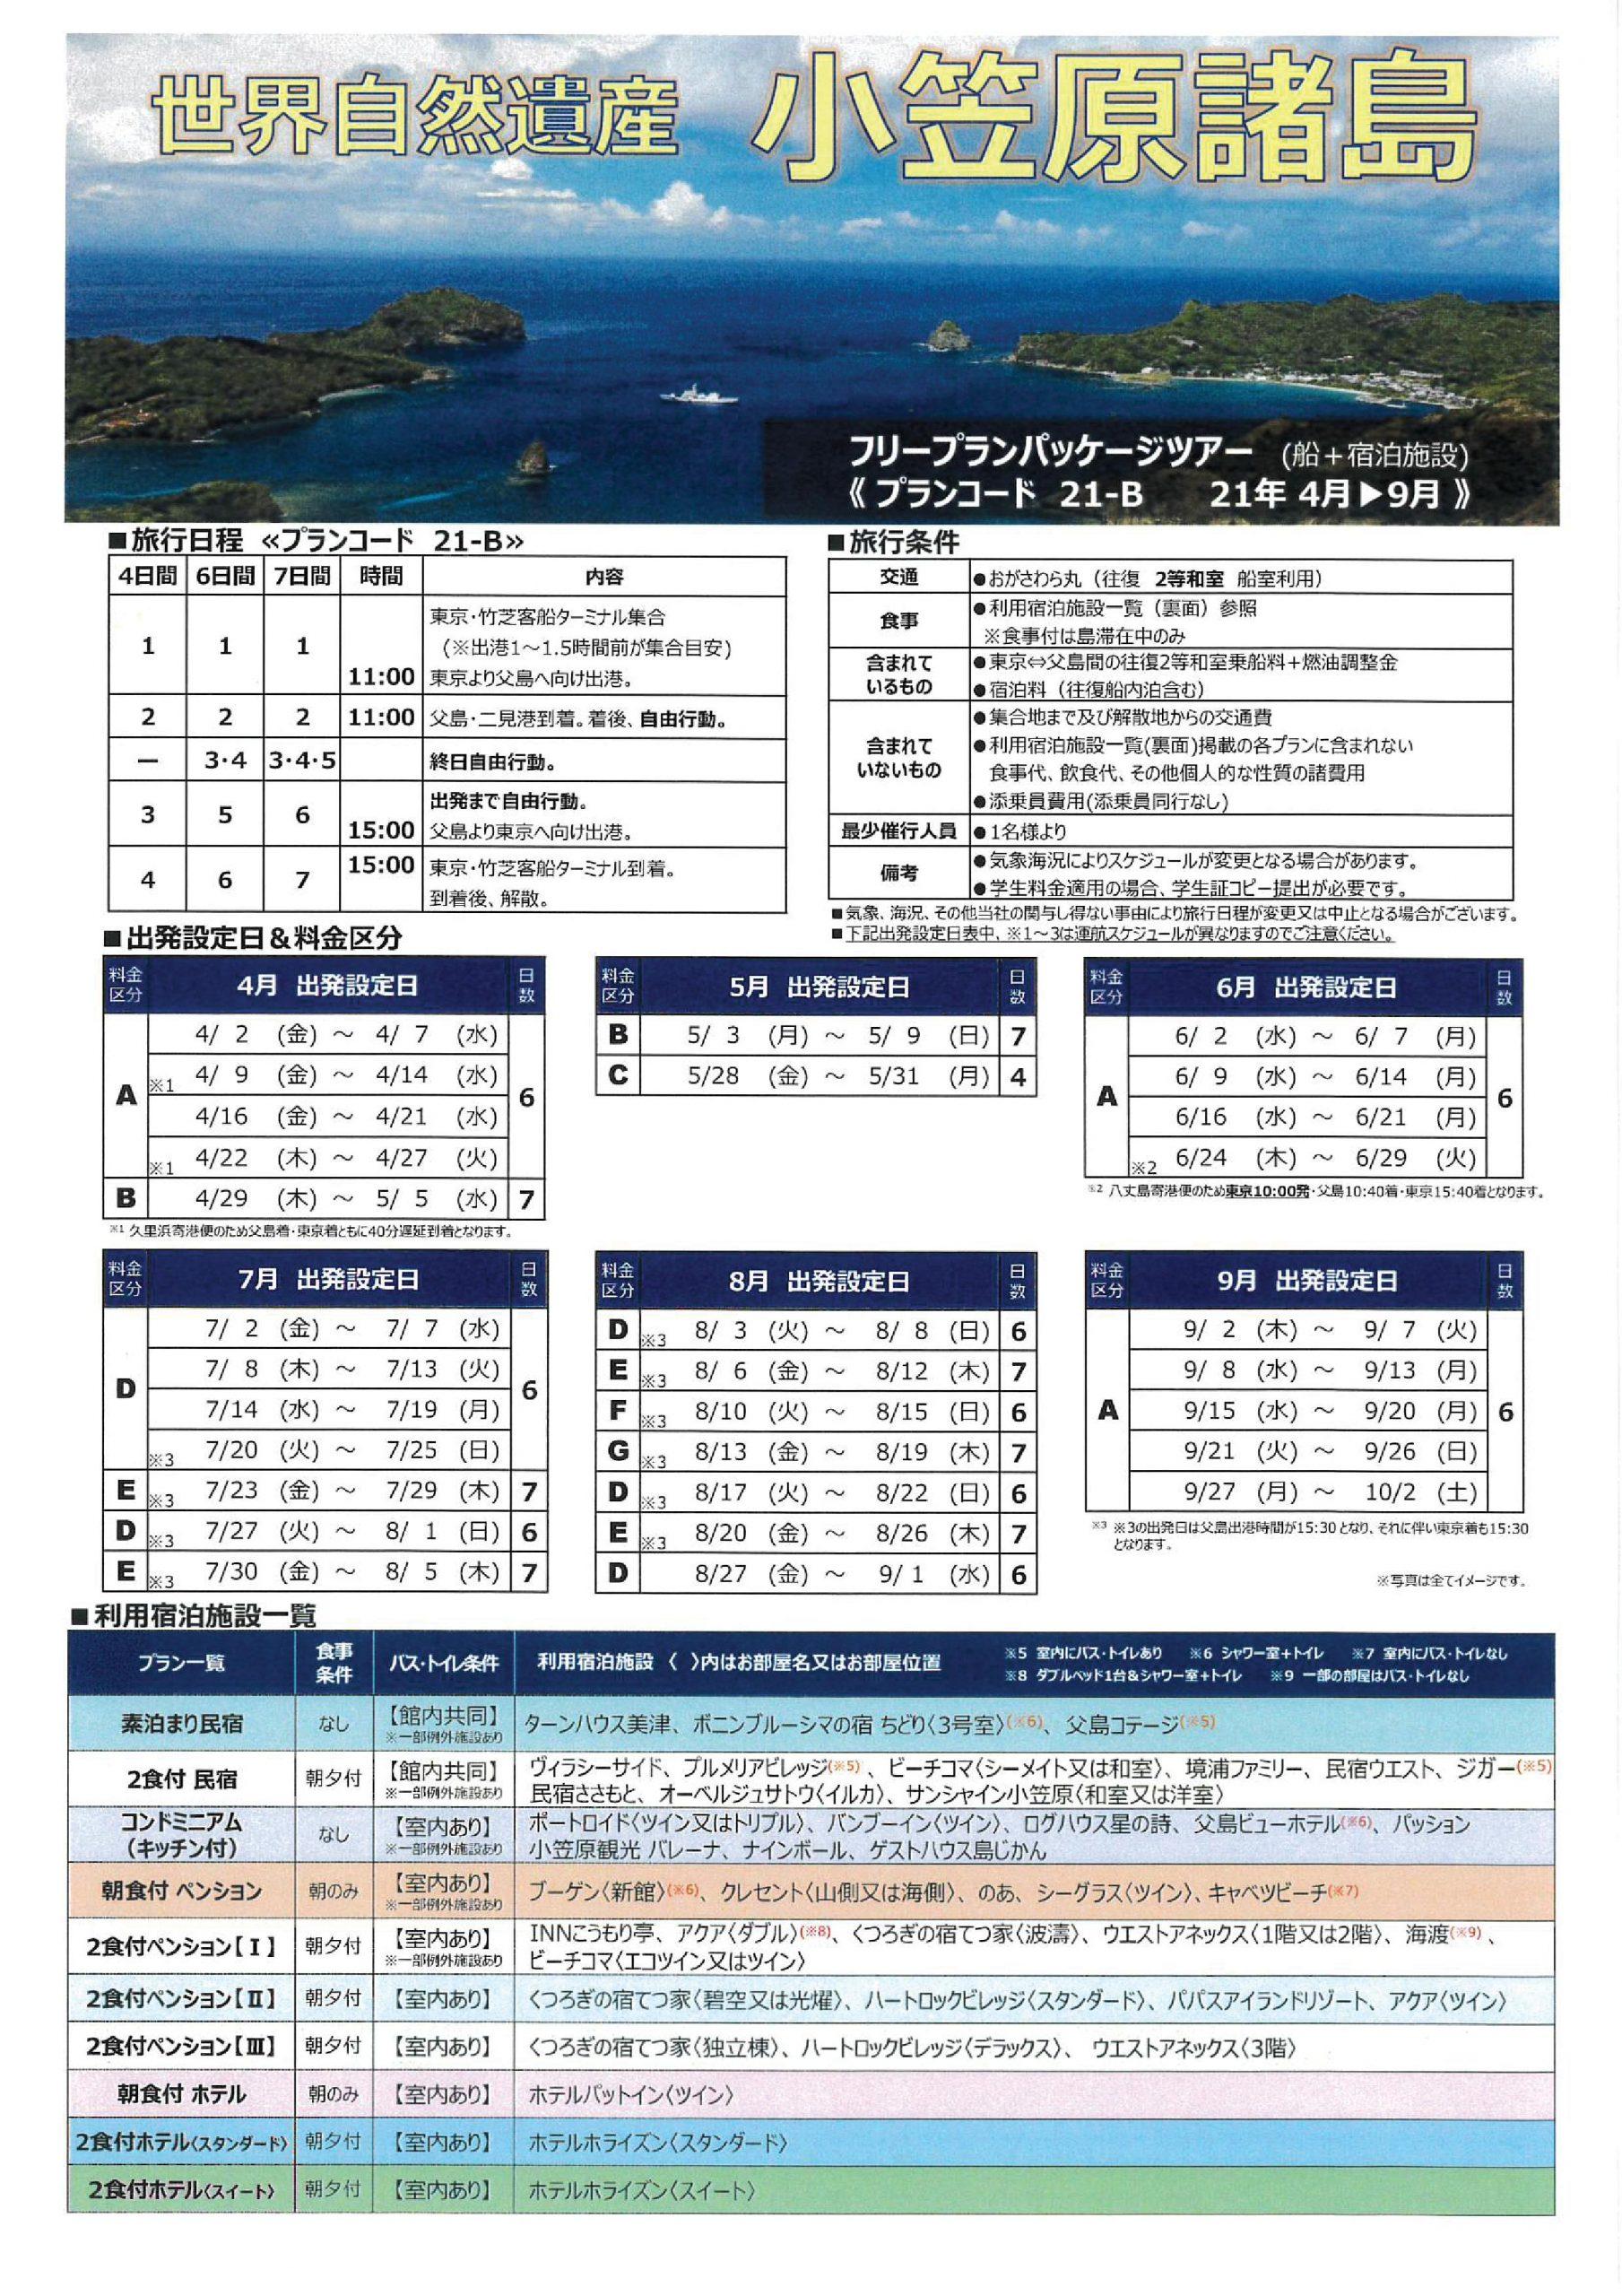 世界自然遺産小笠原諸島ツアー4月以降の料金発表!